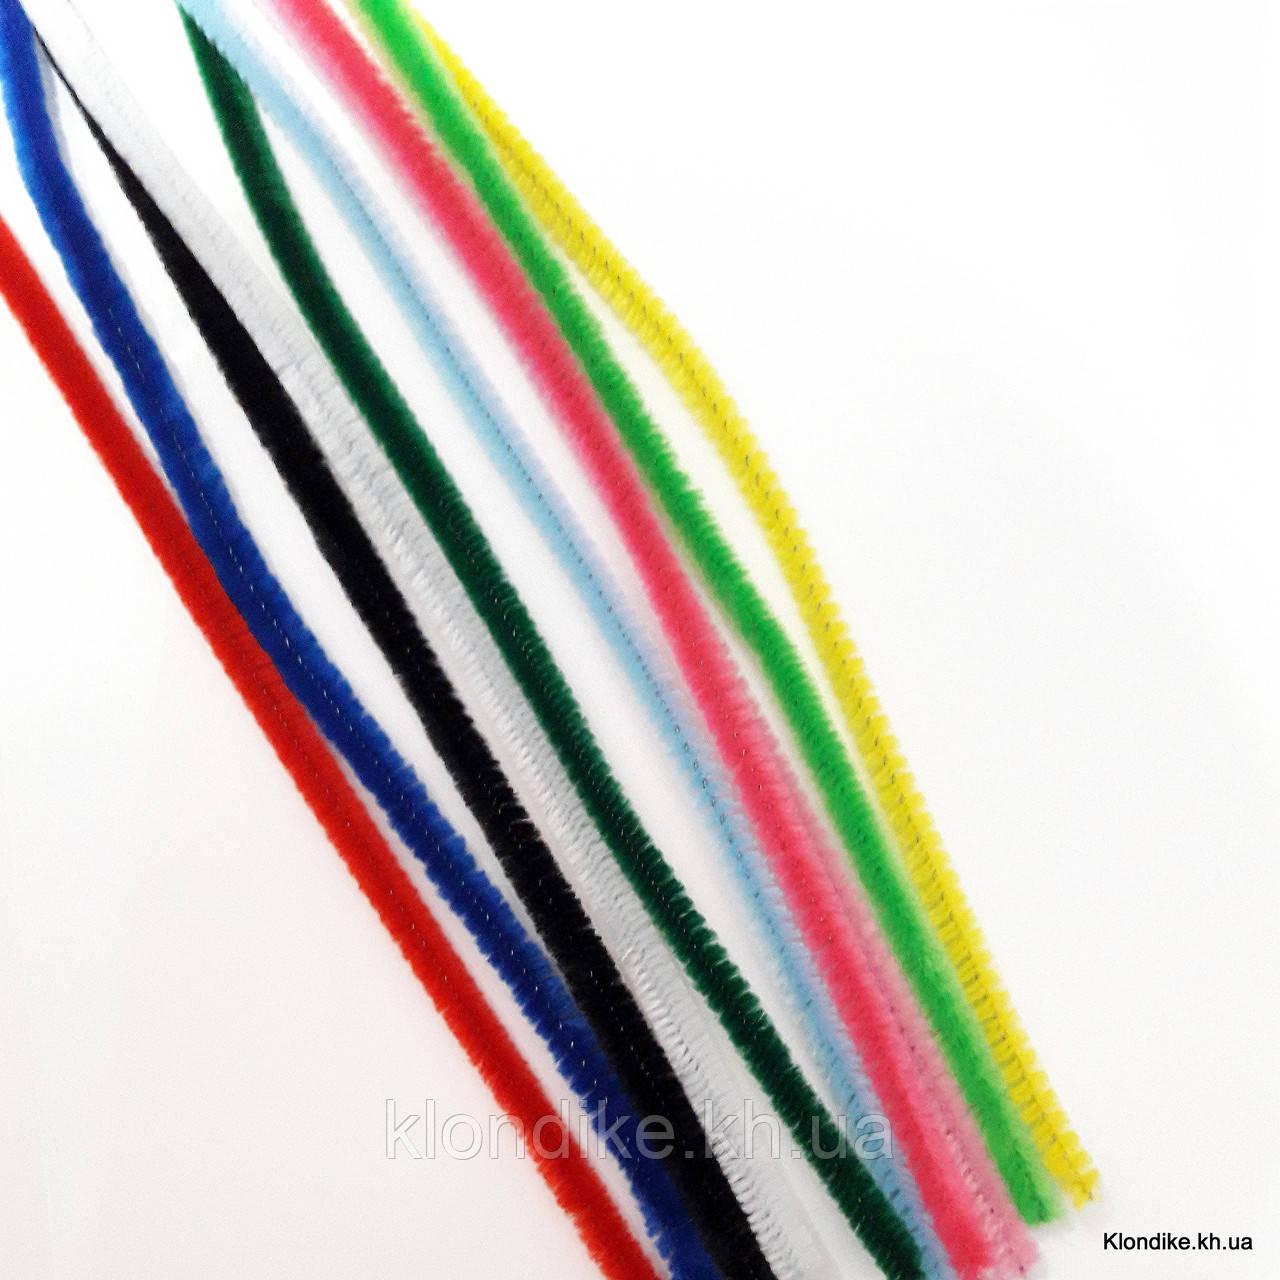 Проволока синельная, 30 см, Цвет: Микс (10 шт.)